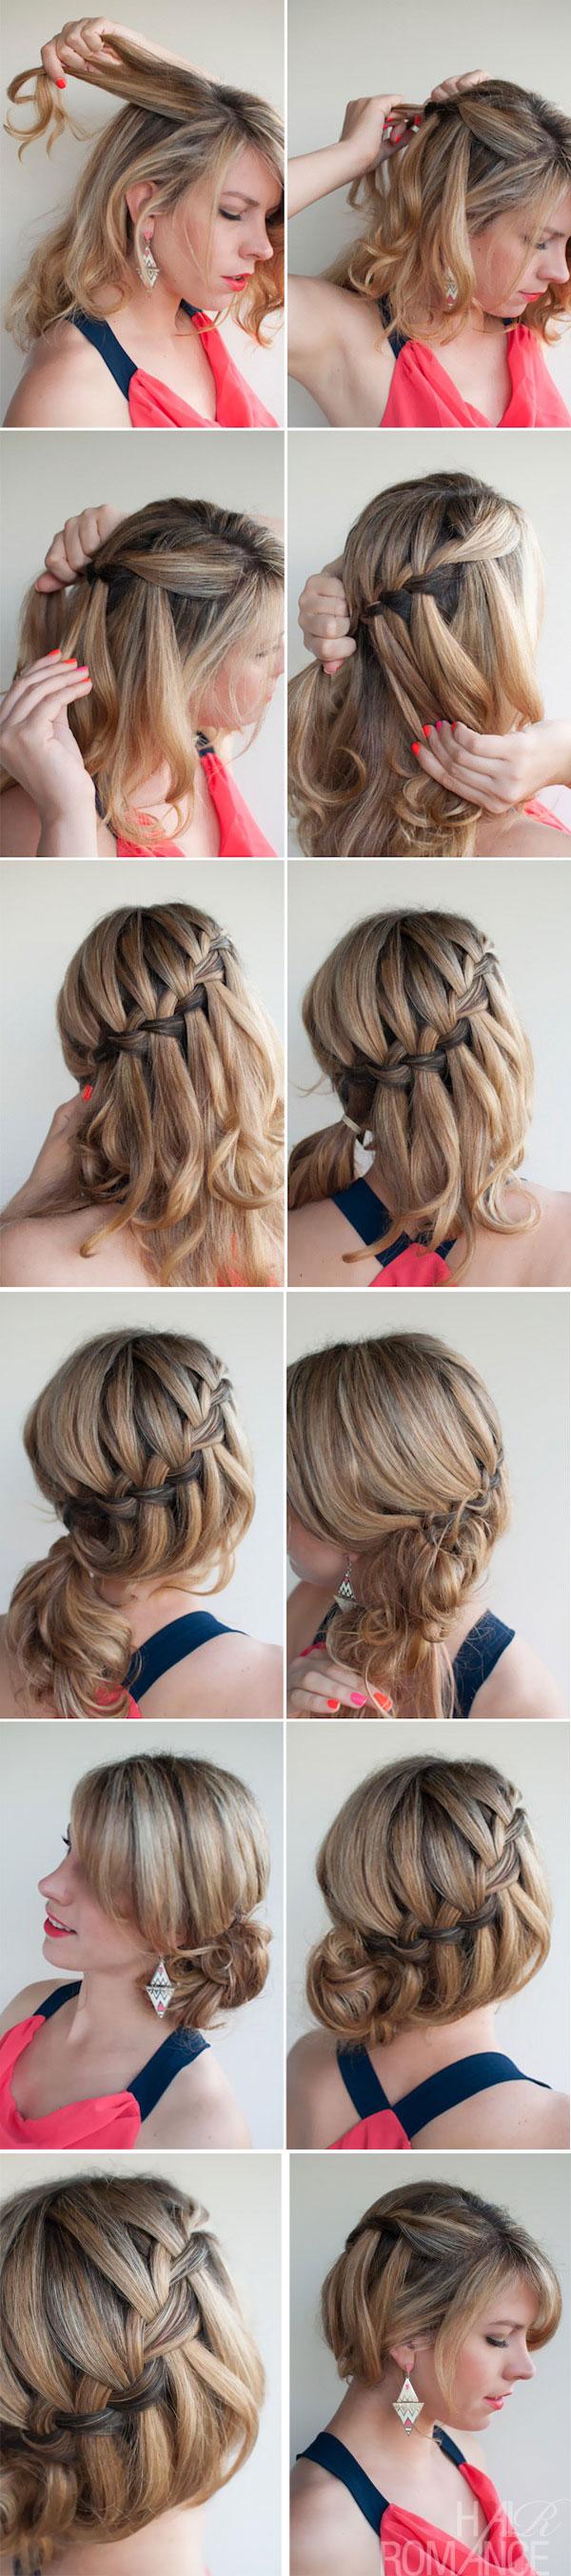 прическа для коротких волос фото